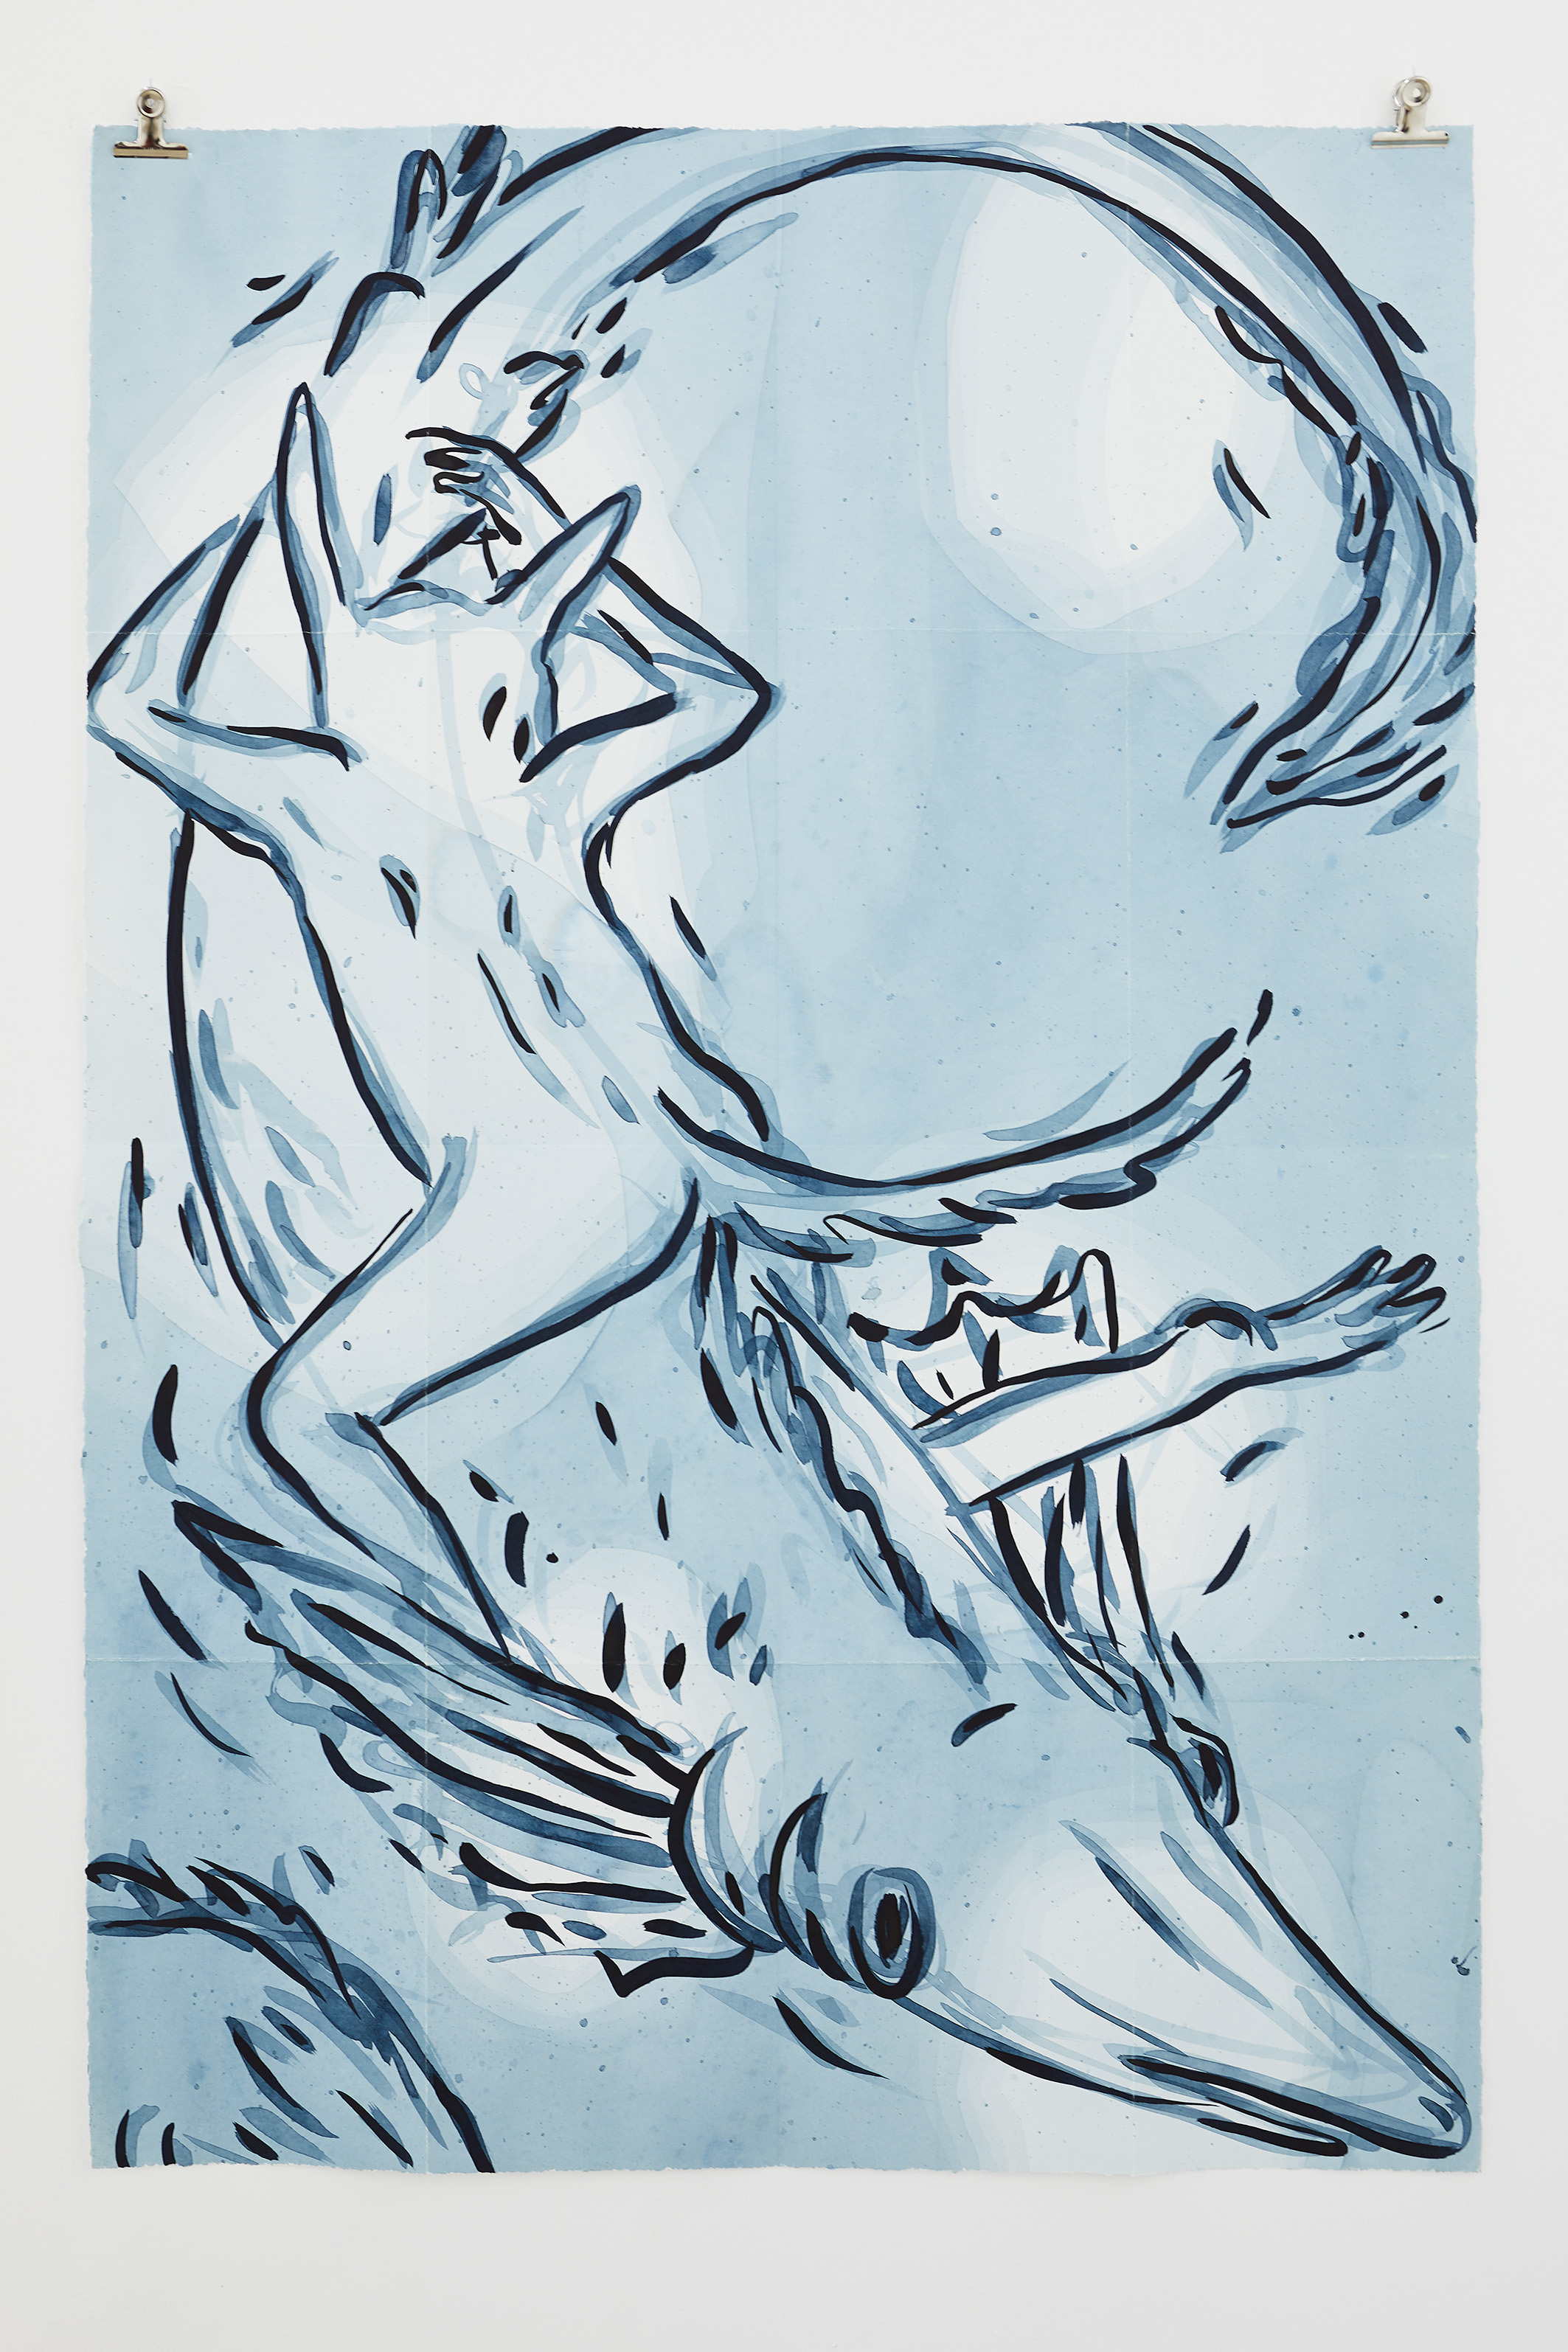 ELSA GUILLAUME, Topographie N°3, Encre super papier Arches satiné 300g, 71 x 105,5 cm